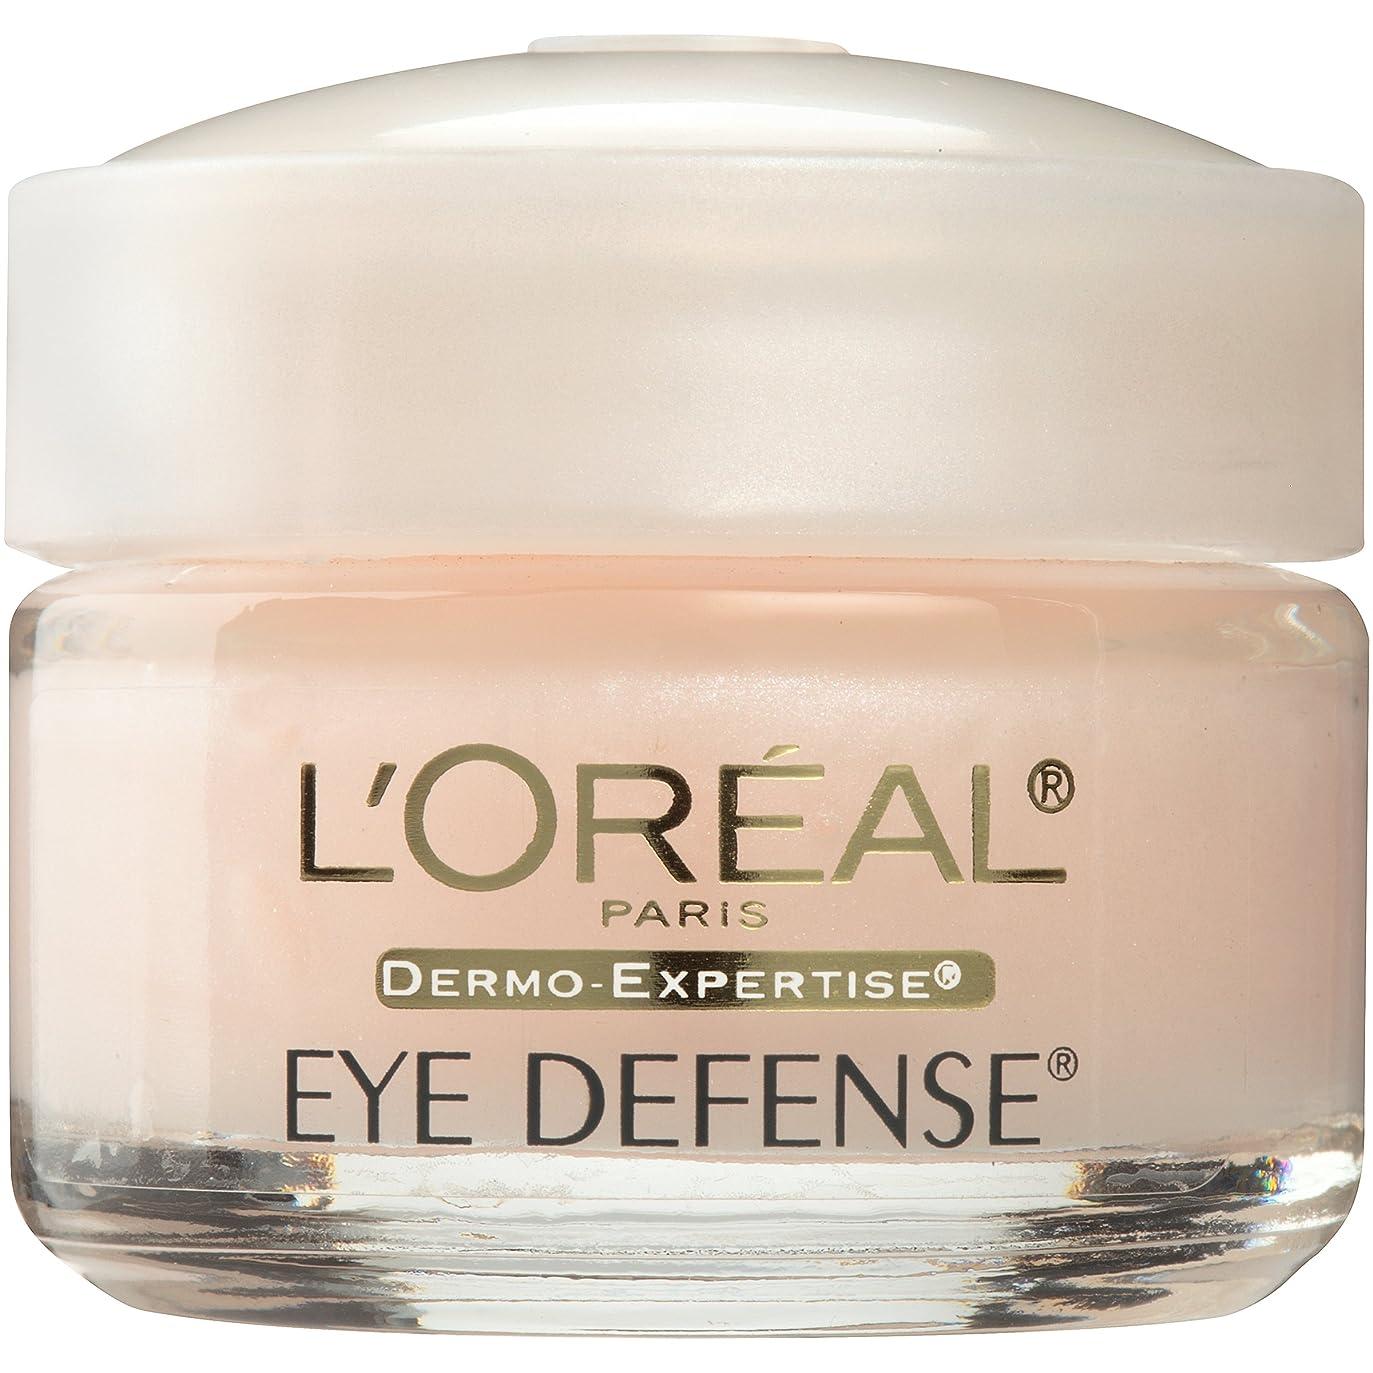 神秘的な現れる暖炉L'Oreal Dermo-Expertise Defense, Eye (.5 Ounces) (並行輸入品)